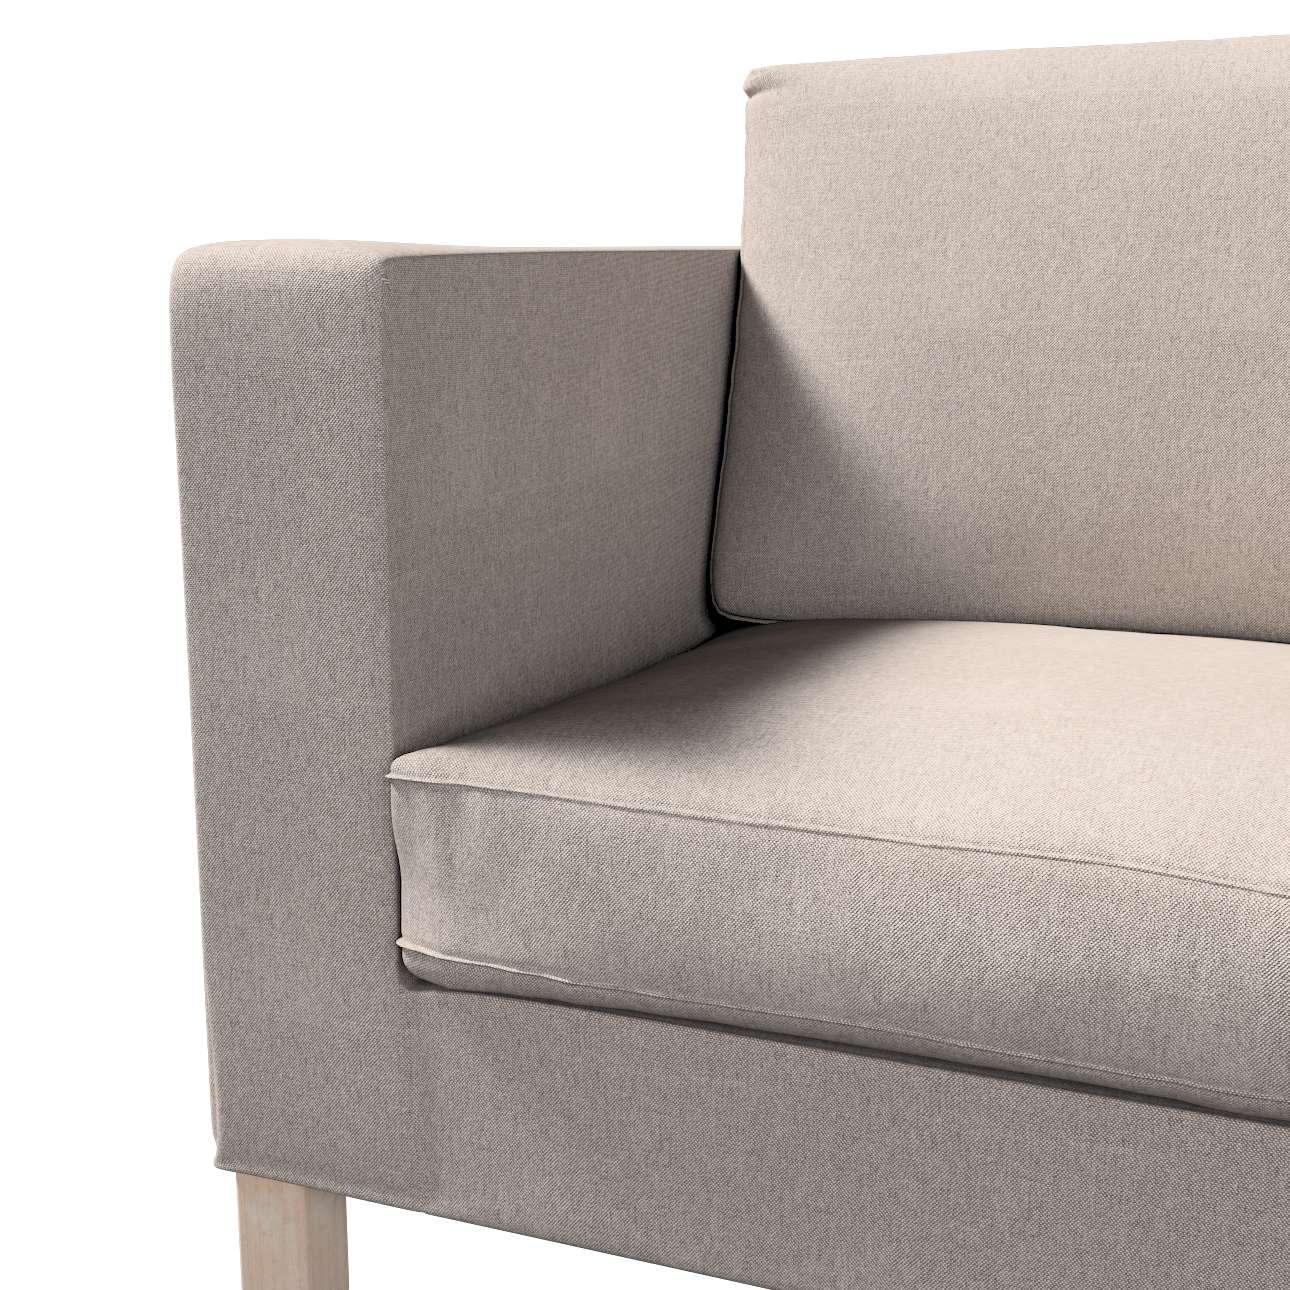 Pokrowiec na sofę Karlanda rozkładaną, krótki w kolekcji Etna, tkanina: 705-09